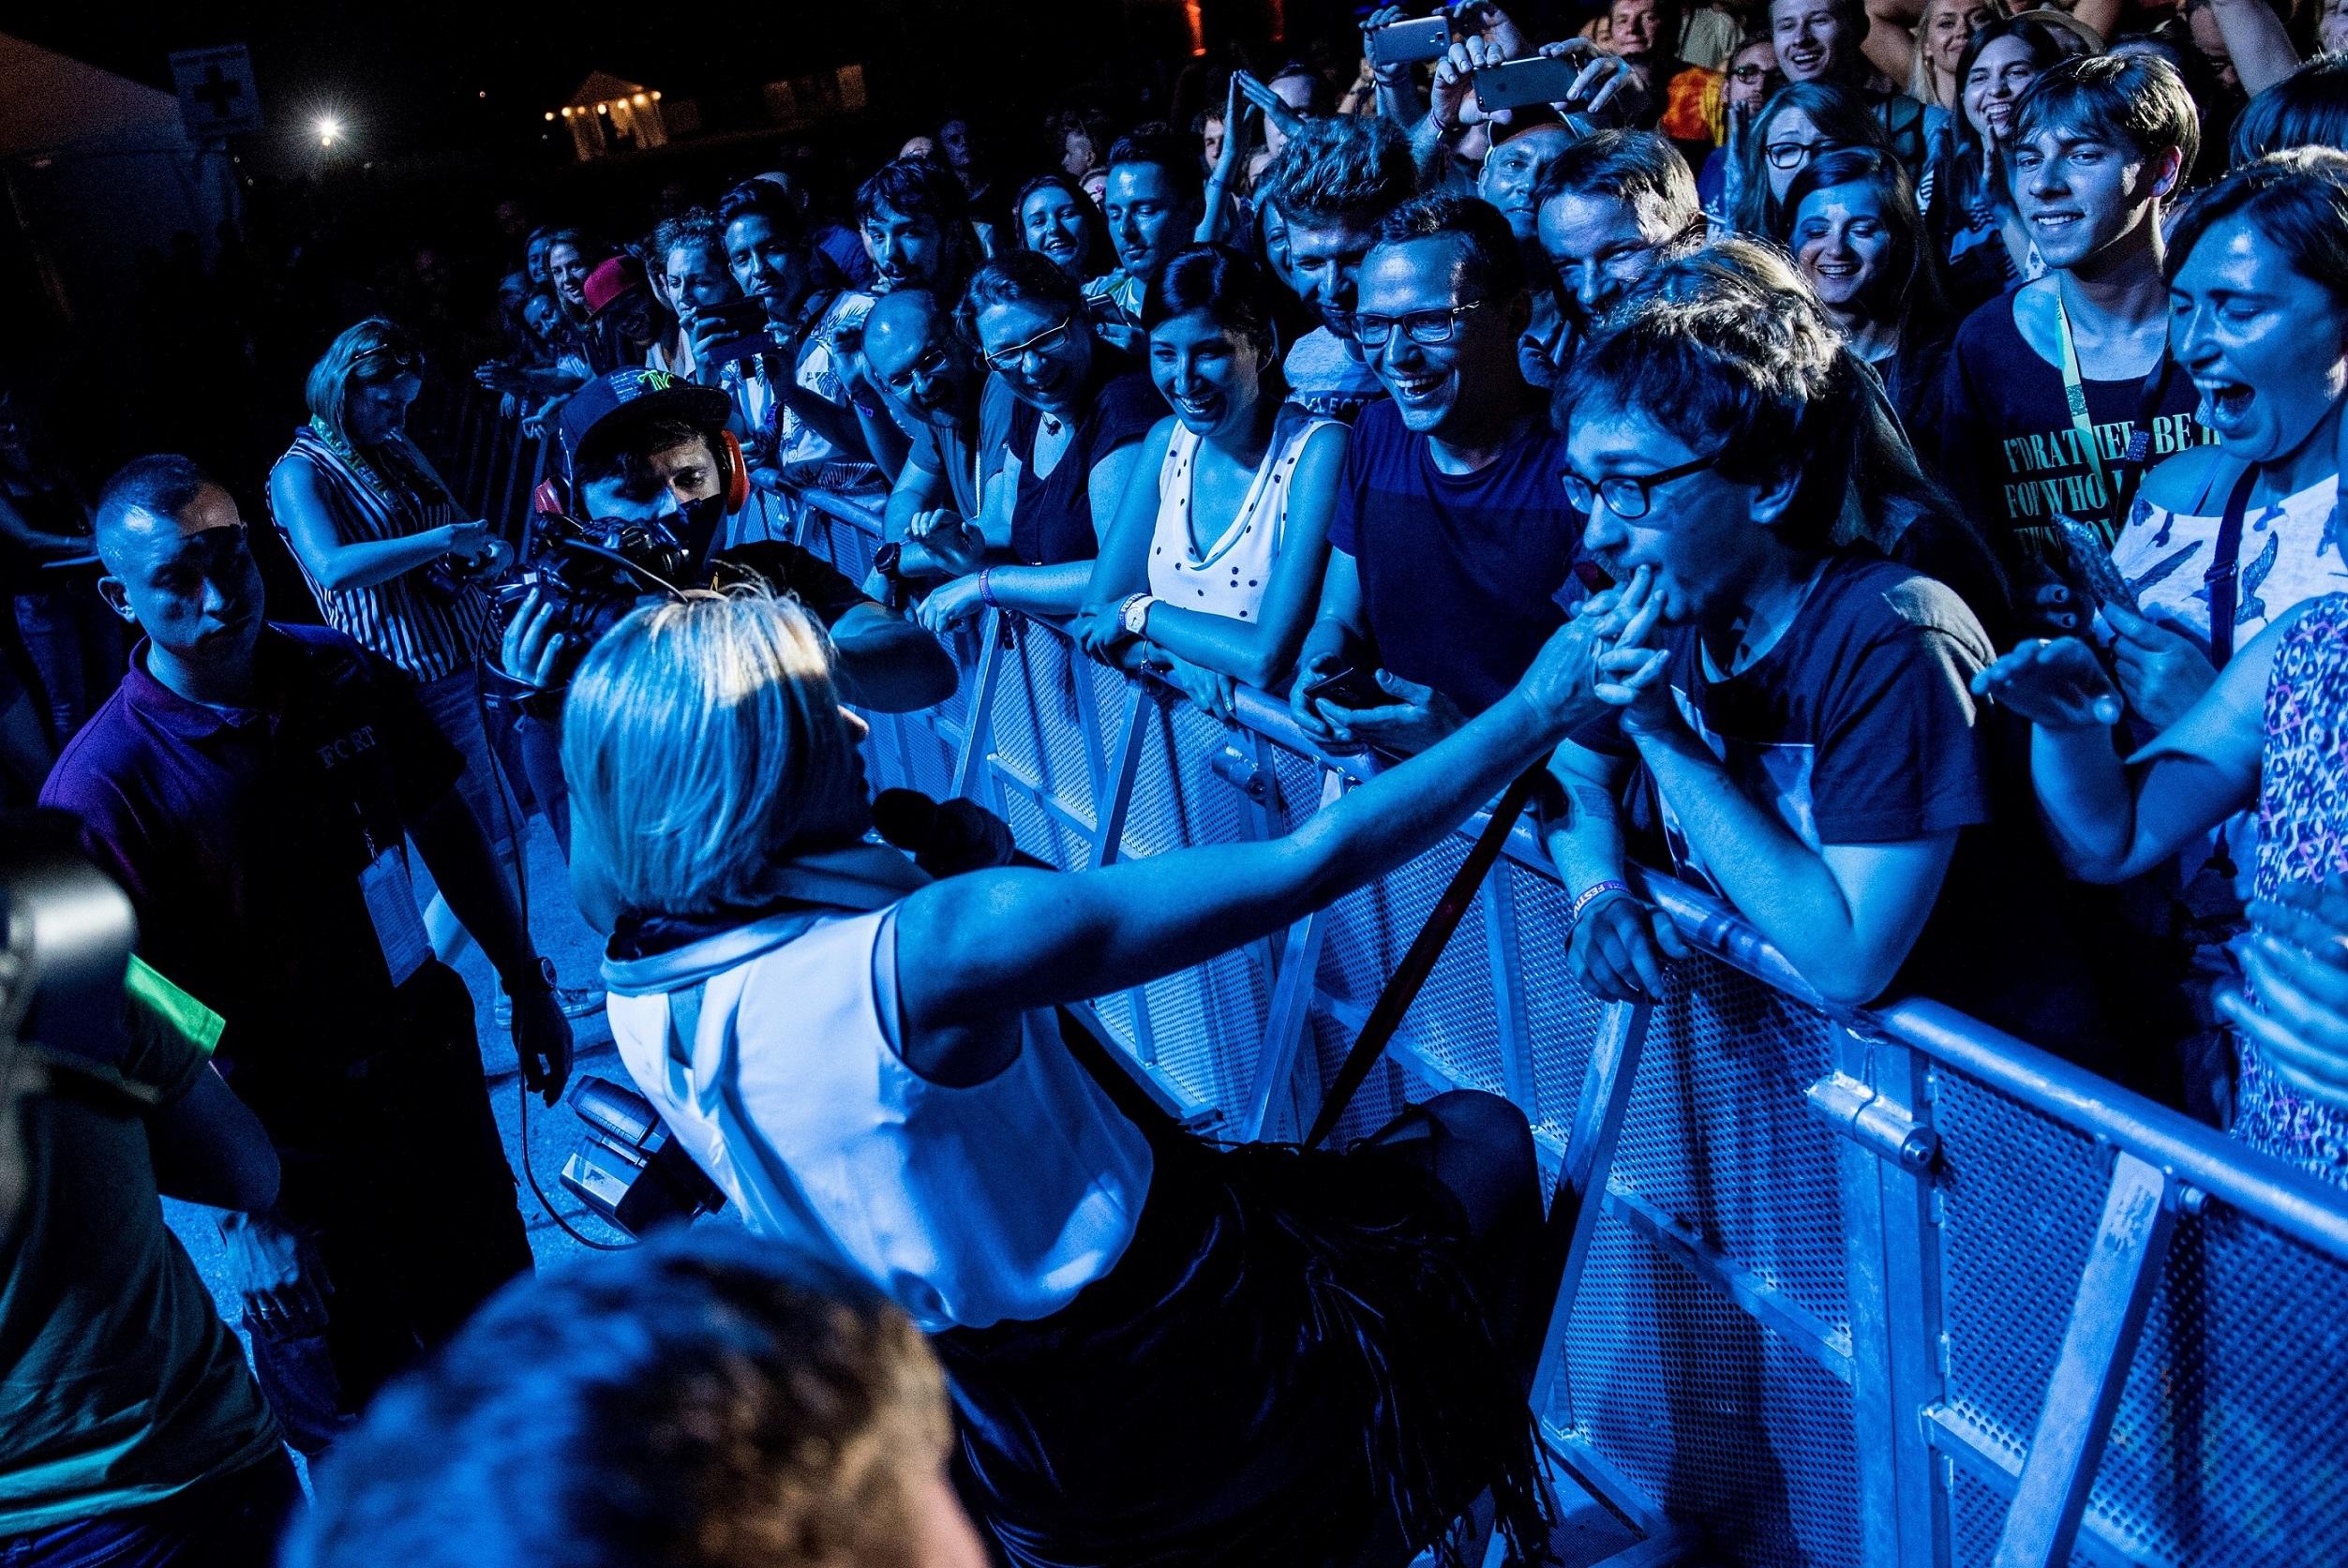 Tak, całuję rękę damy. fot. Monika Stolarska.